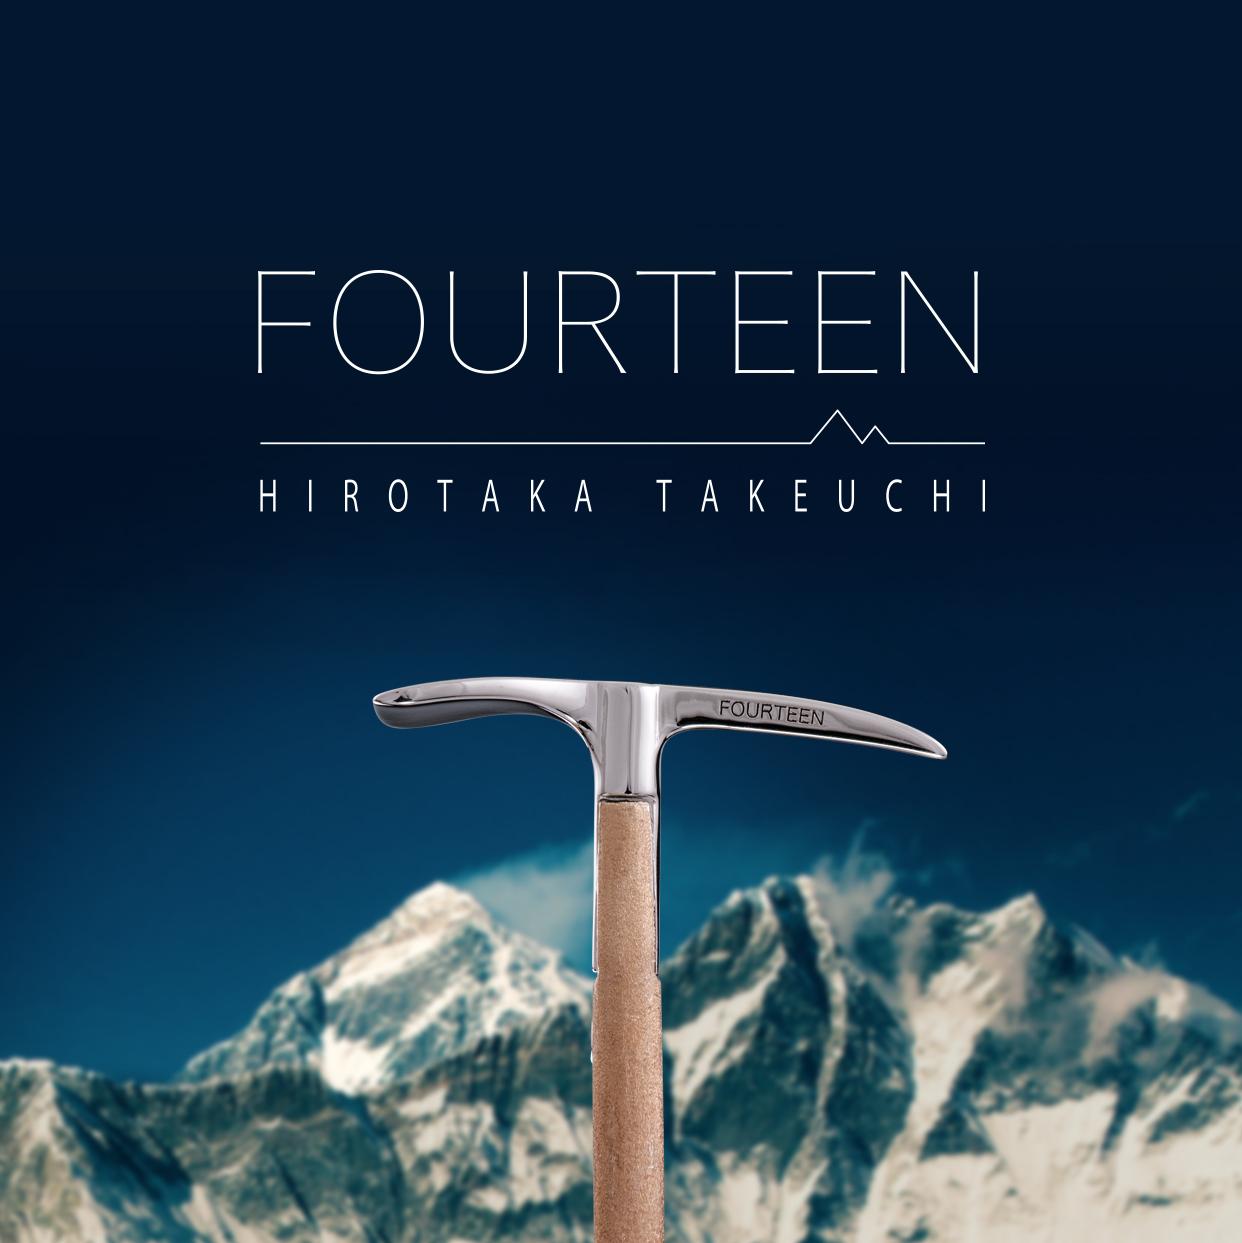 FOURTEEN HIROTAKA TAKEUCHI